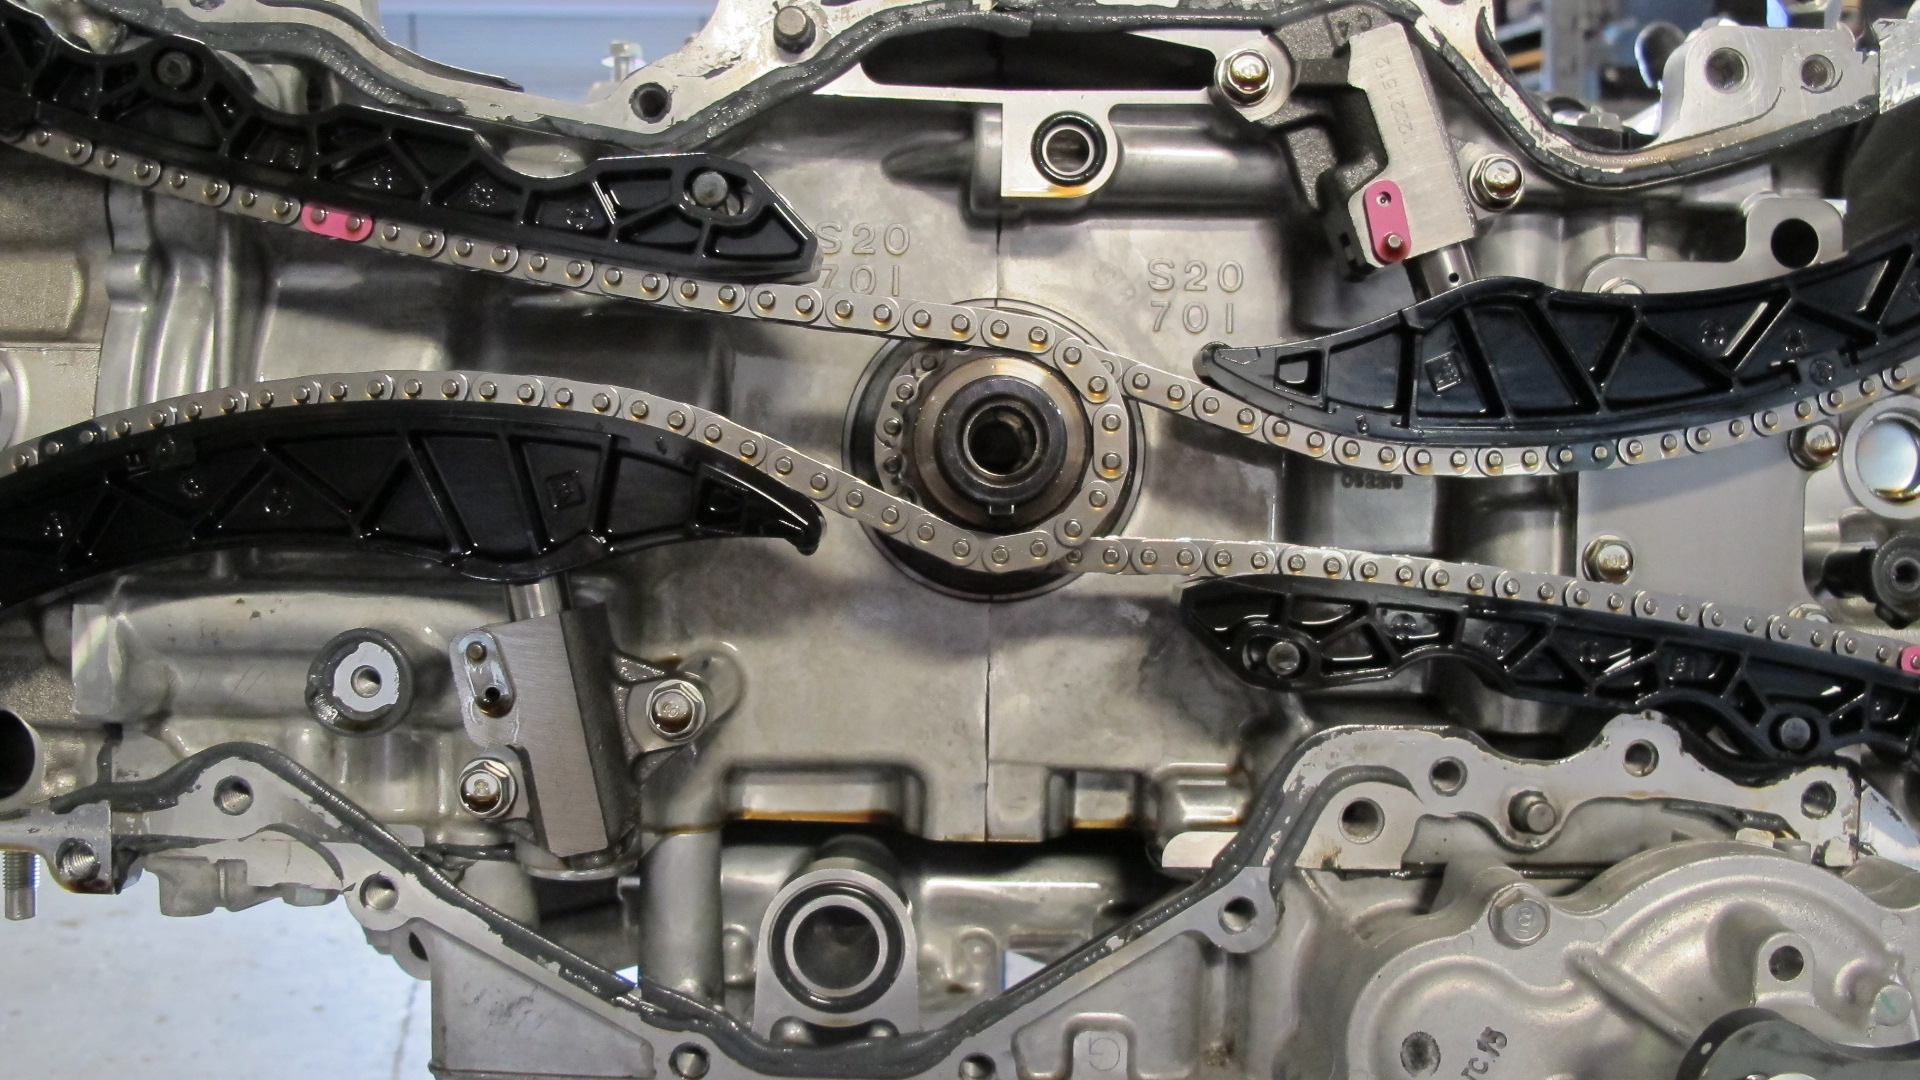 FA20 Engine component photos - Scion FR-S Forum | Subaru BRZ Forum